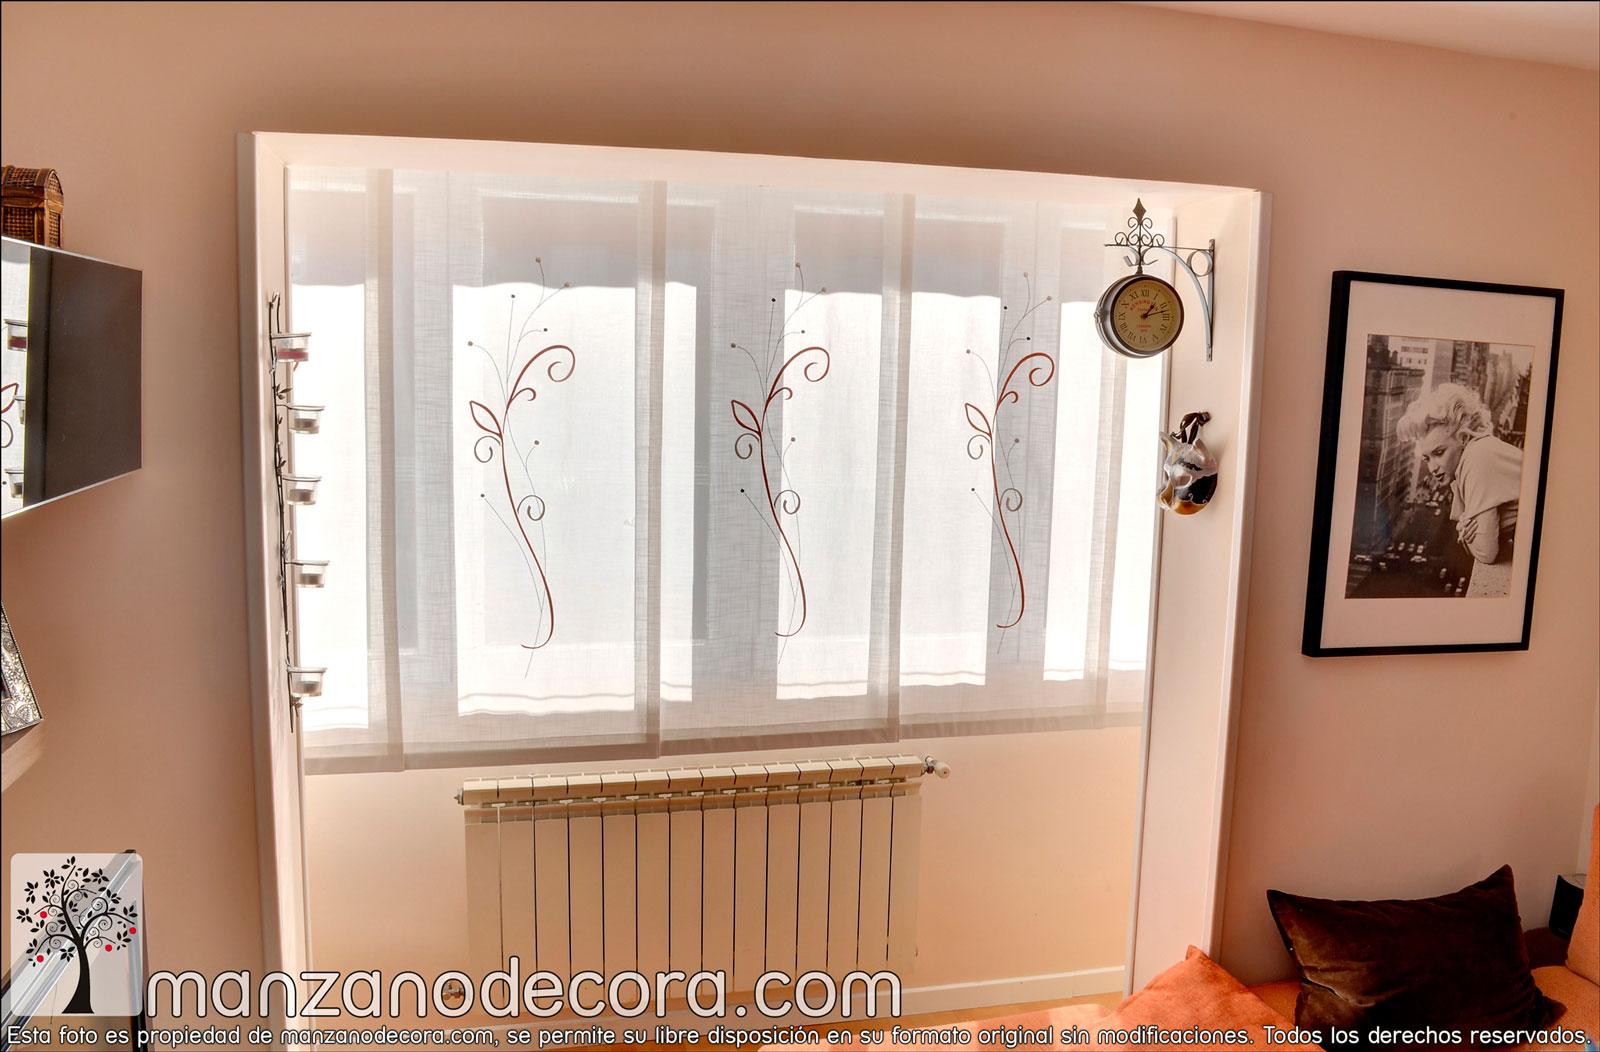 Paneles japoneses cortinas manzanodecora - Modelos cortinas salon ...